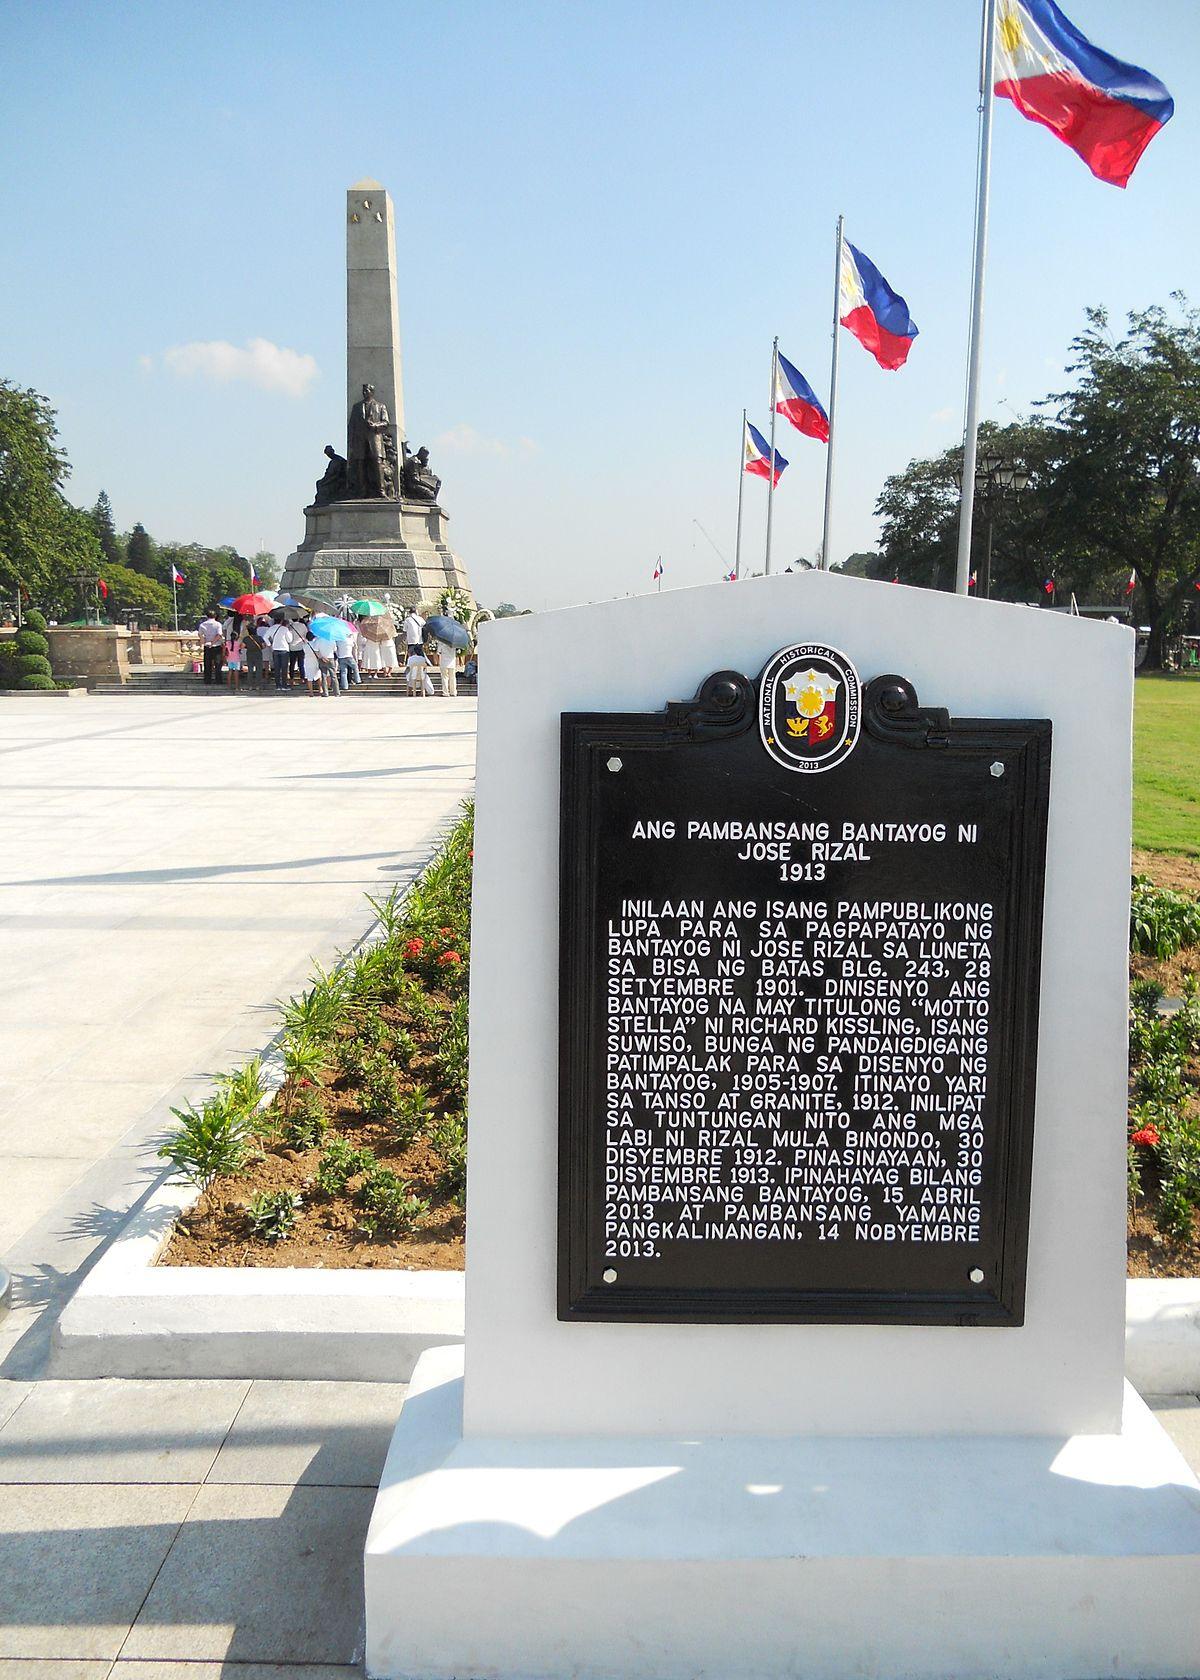 Liste der historischen Markierungen der Philippinen in Metro Manila